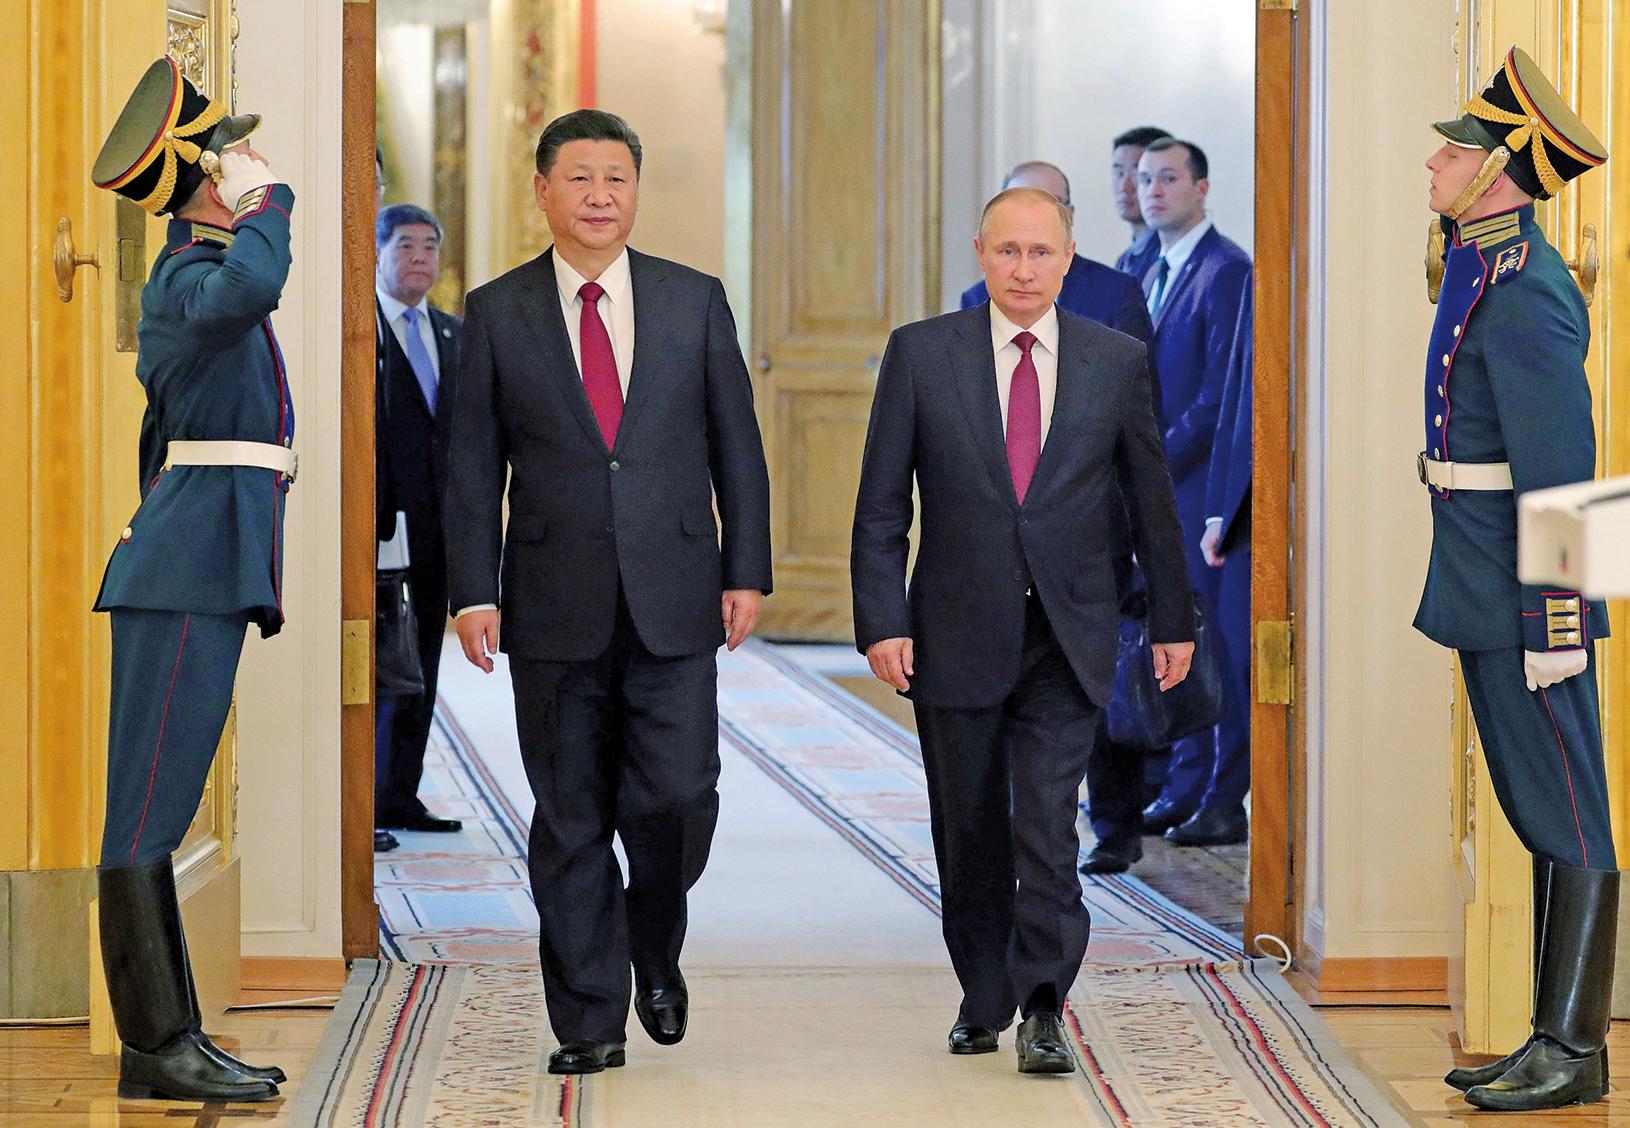 揭秘北韓核試遊走美中俄間